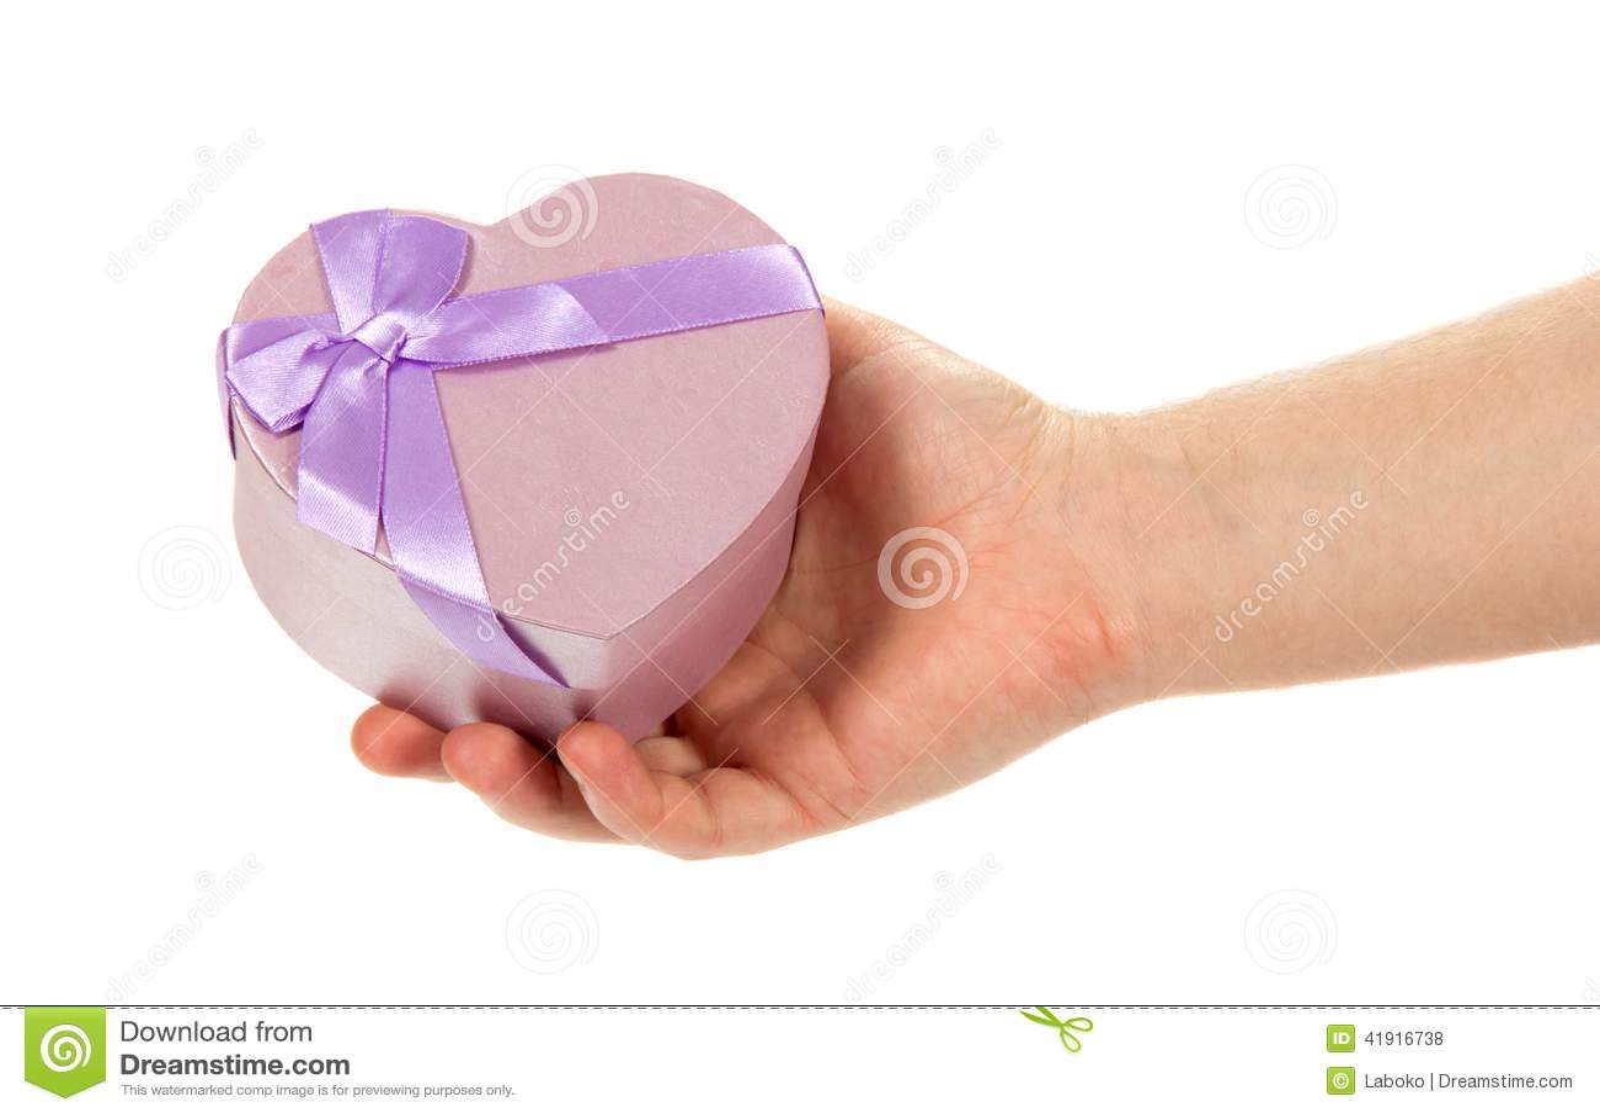 La mano del hombre con la caja de regalo un corazón